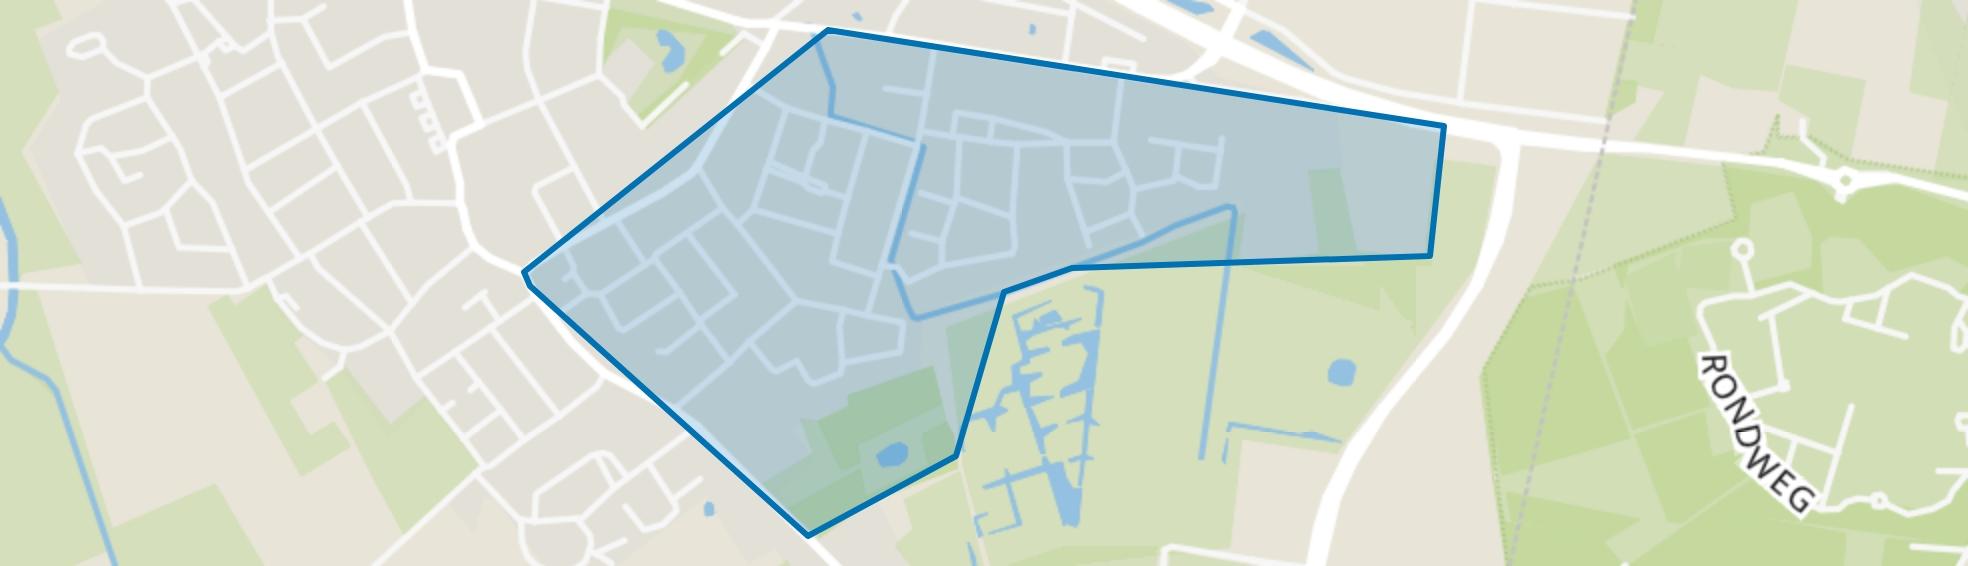 Hapert Oost, Hapert map